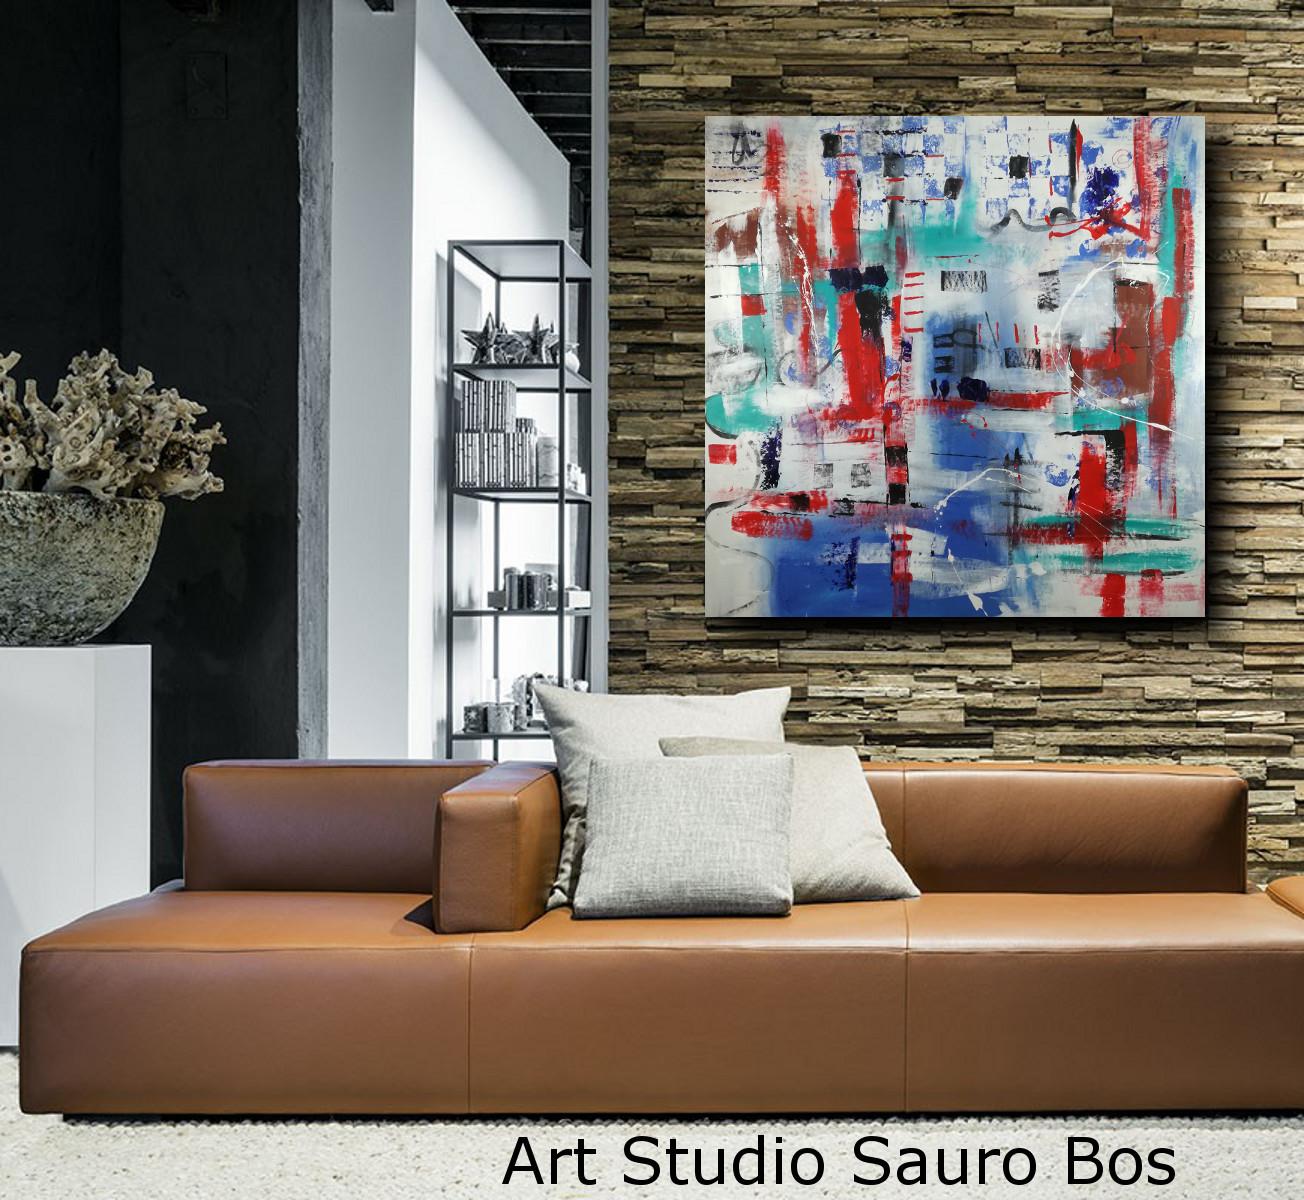 dipinti grandi su tela 120x120 arredare in modo moderno | sauro bos